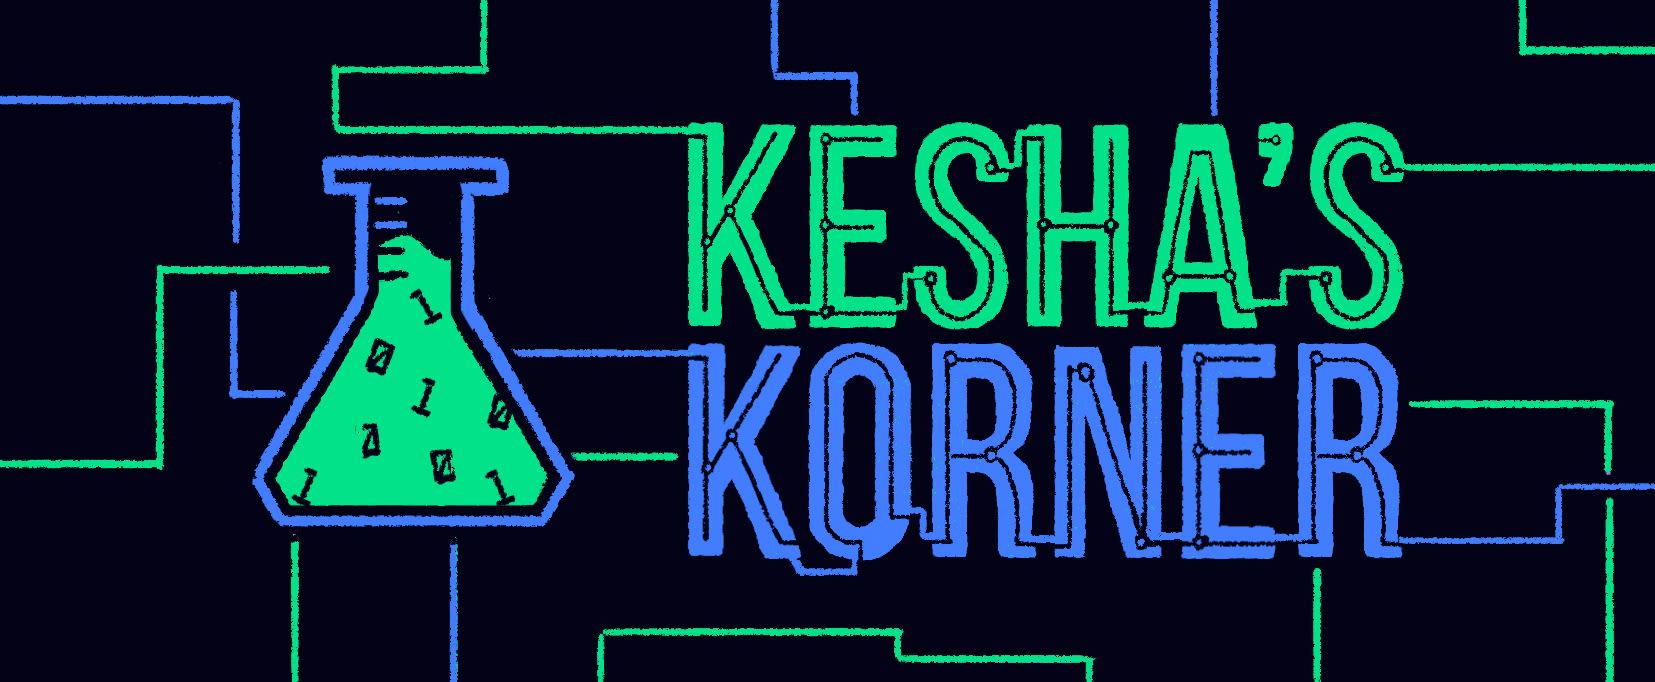 Kesha's Korner